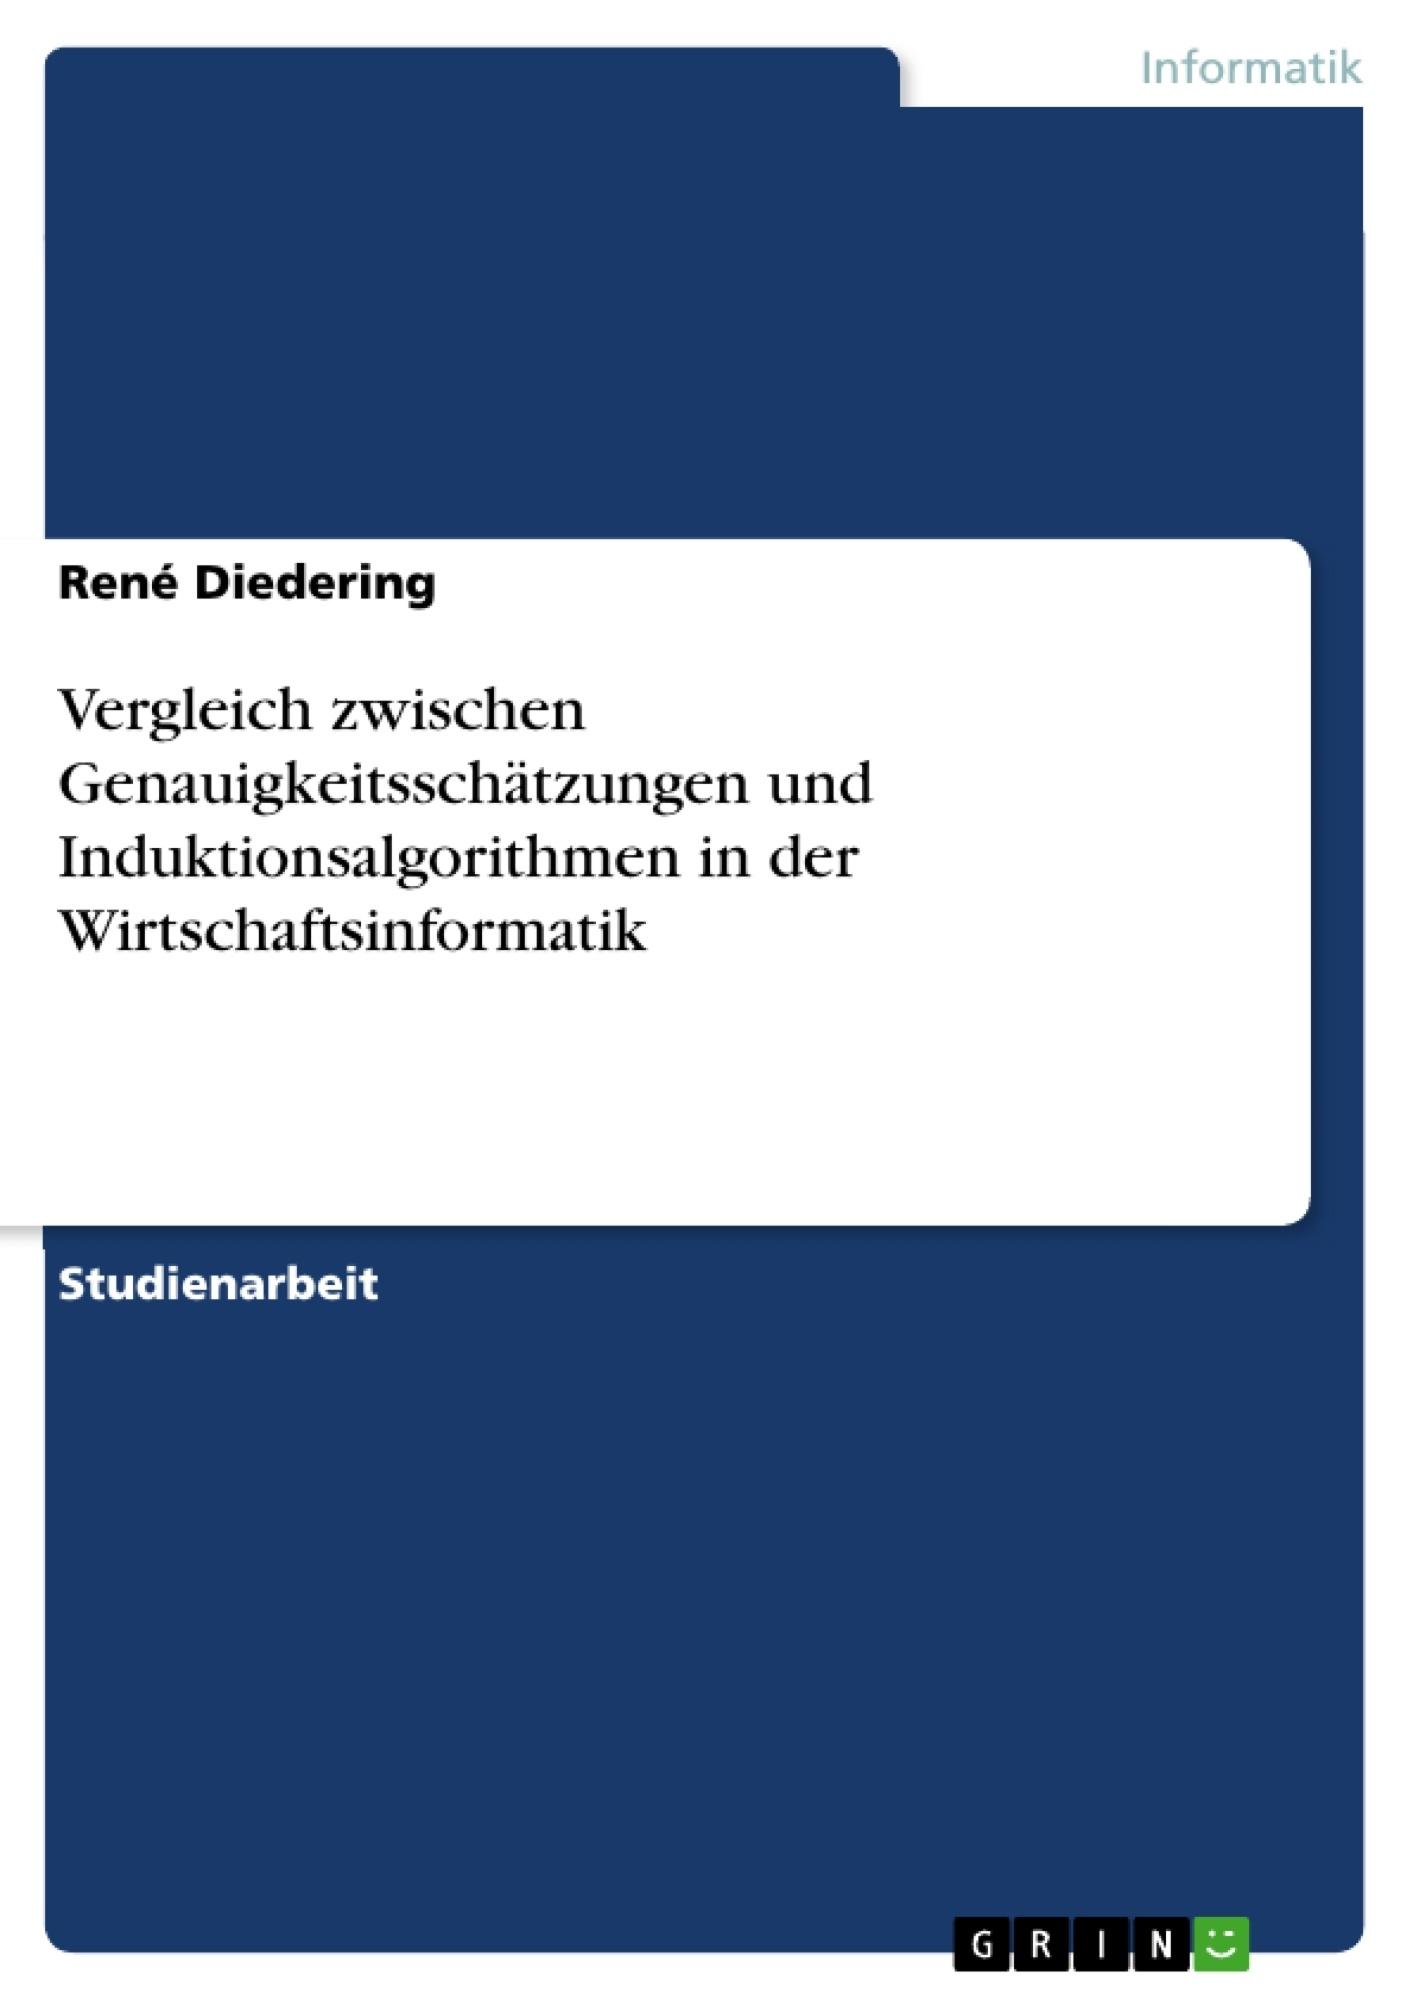 Titel: Vergleich zwischen Genauigkeitsschätzungen und Induktionsalgorithmen in der Wirtschaftsinformatik